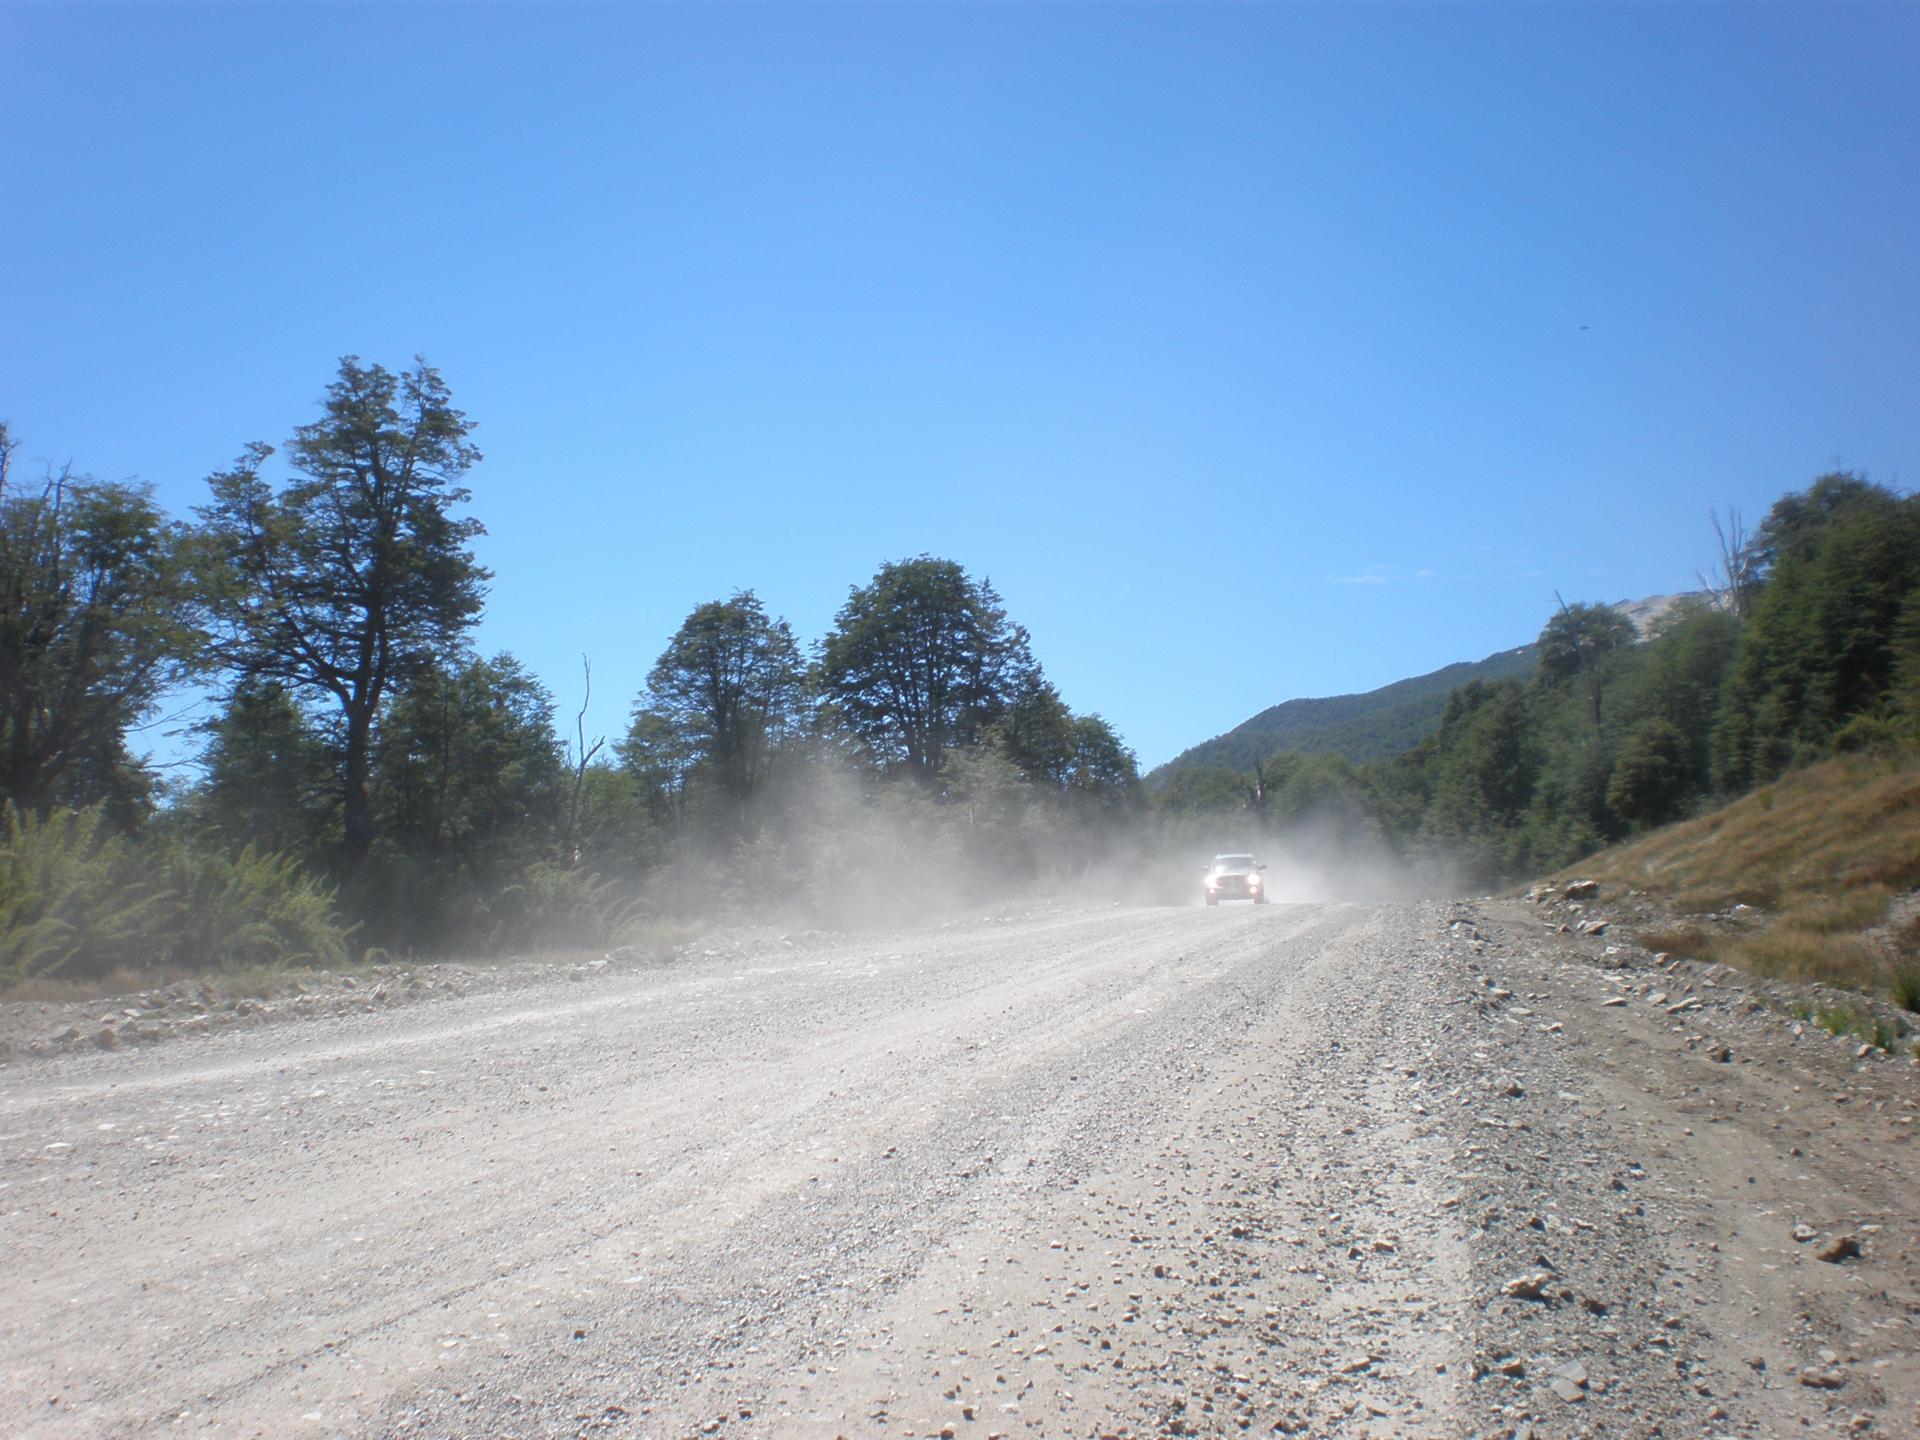 Ruta 231 Piste de ripio